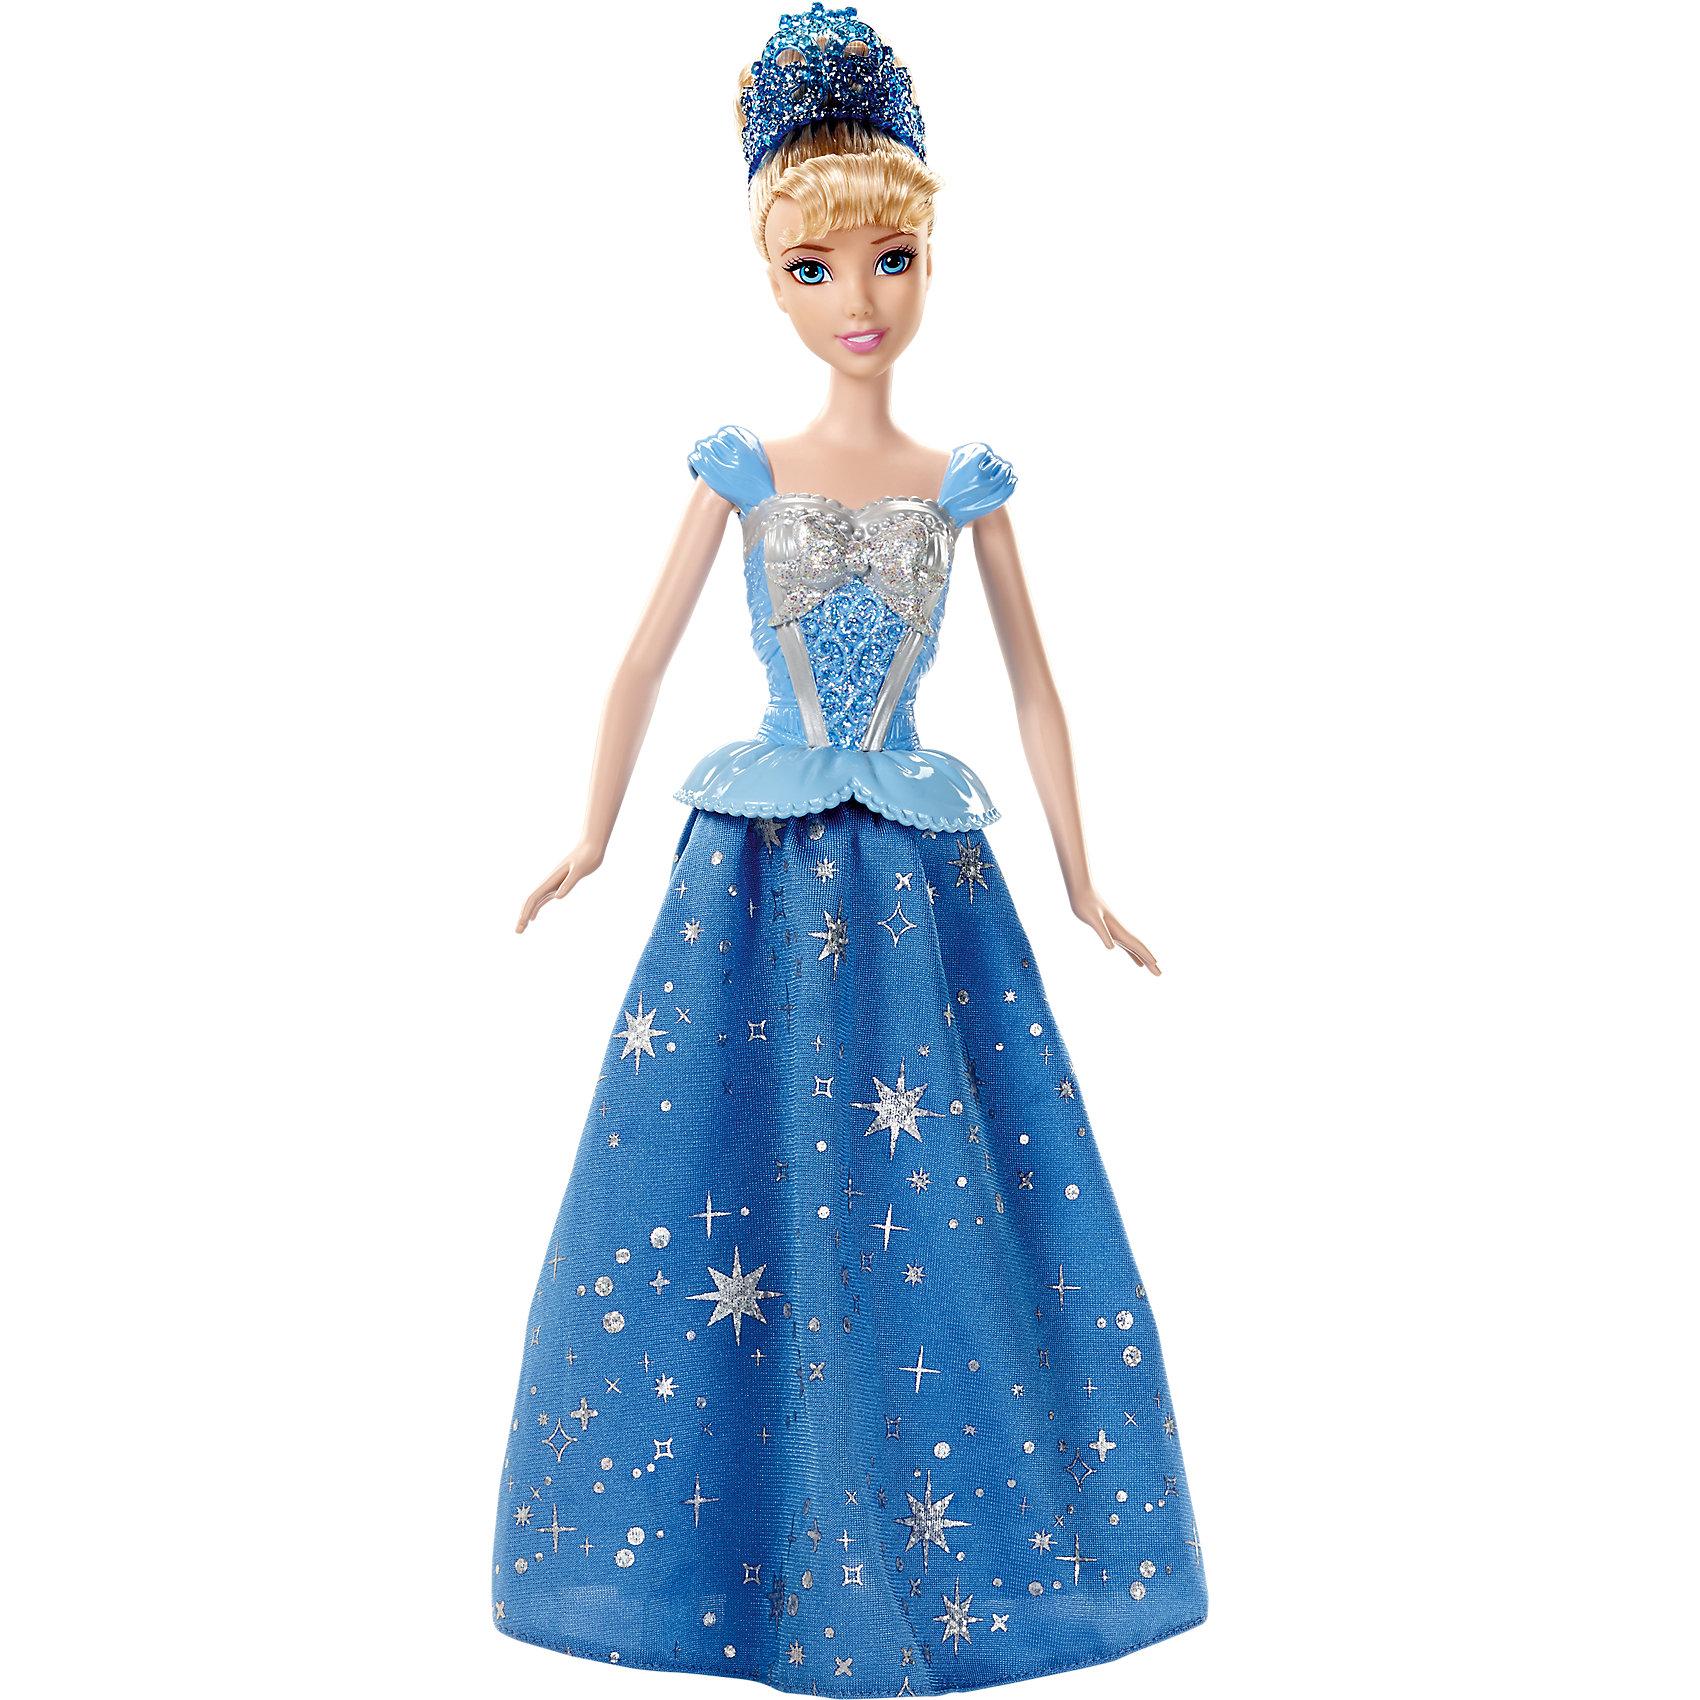 Кукла Золушка, с развевающейся юбкой, Disney PrincessПрекрасная золушка станцует тебе свое волшебный танец! Посмотри, как красиво развивается ее платье! Секрет в том, что в ногах у куколки располагаются маленькие колесики, которые приводят в действие механизм, который раскручивает юбку. Надо лишь катить куклу по ровной поверхности. Принцесса одета в красивое платье с обтягивающим лифом с серебряной вставкой, рельефными узорами и блестками. Пышная юбка покрыта удивительным рисунком из маленьких звездочек. Белокурые волосы куклы забраны в высокую прическу, образ дополняет голубая диадема.<br><br>Дополнительная информация:<br><br>- Материал: пластик, текстиль.<br>- Лиф платья пластиковый. <br>- Голова, руки, ноги куклы подвижные.<br>- Высота куклы: 29 см. <br><br>Куклу Золушку, с развевающейся юбкой, Disney Princess (Принцессы Диснея), можно купить в нашем магазине.<br><br>Ширина мм: 330<br>Глубина мм: 203<br>Высота мм: 71<br>Вес г: 260<br>Возраст от месяцев: 36<br>Возраст до месяцев: 72<br>Пол: Женский<br>Возраст: Детский<br>SKU: 3858585